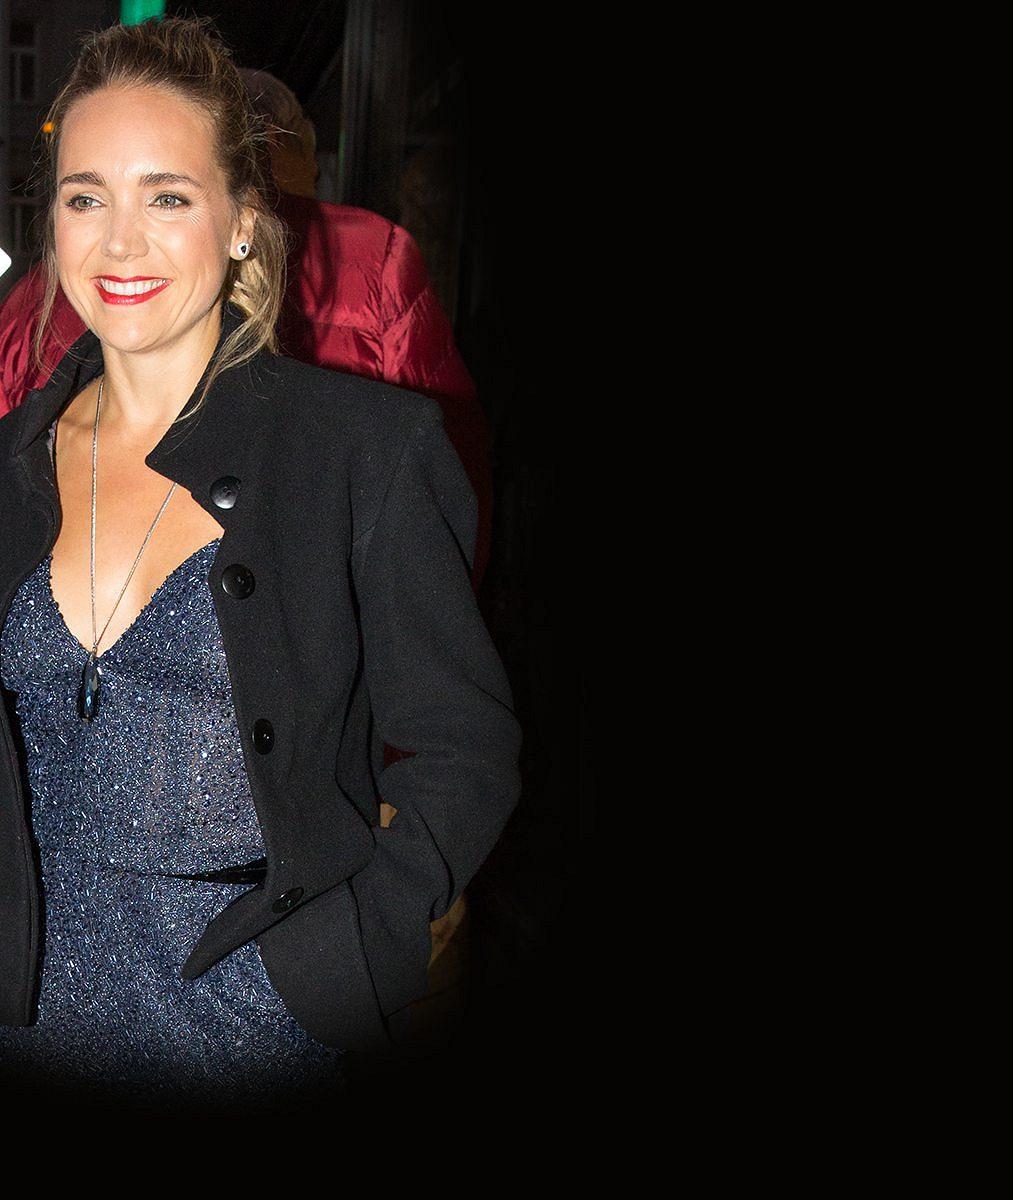 Takhle sexy jste ji dlouho neviděli: Lucie Vondráčková si na křest klipu vzala overal s obřím výstřihem. Podprsenku nechala doma